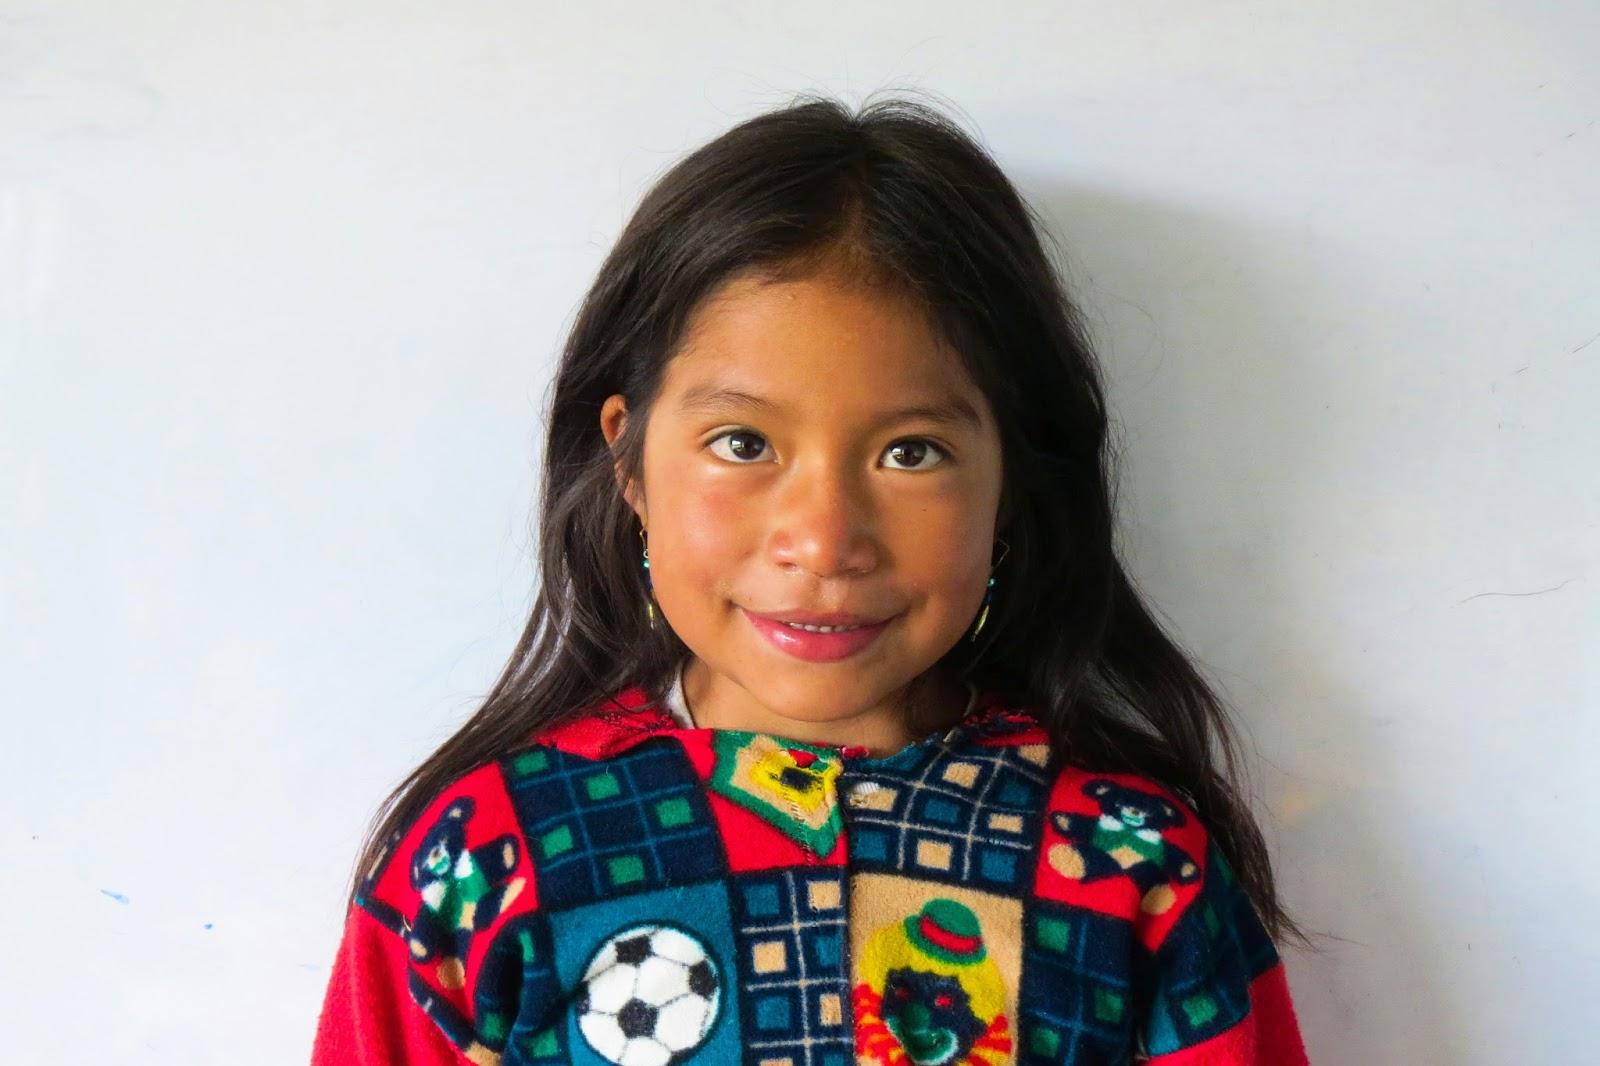 Soledad, Age 5